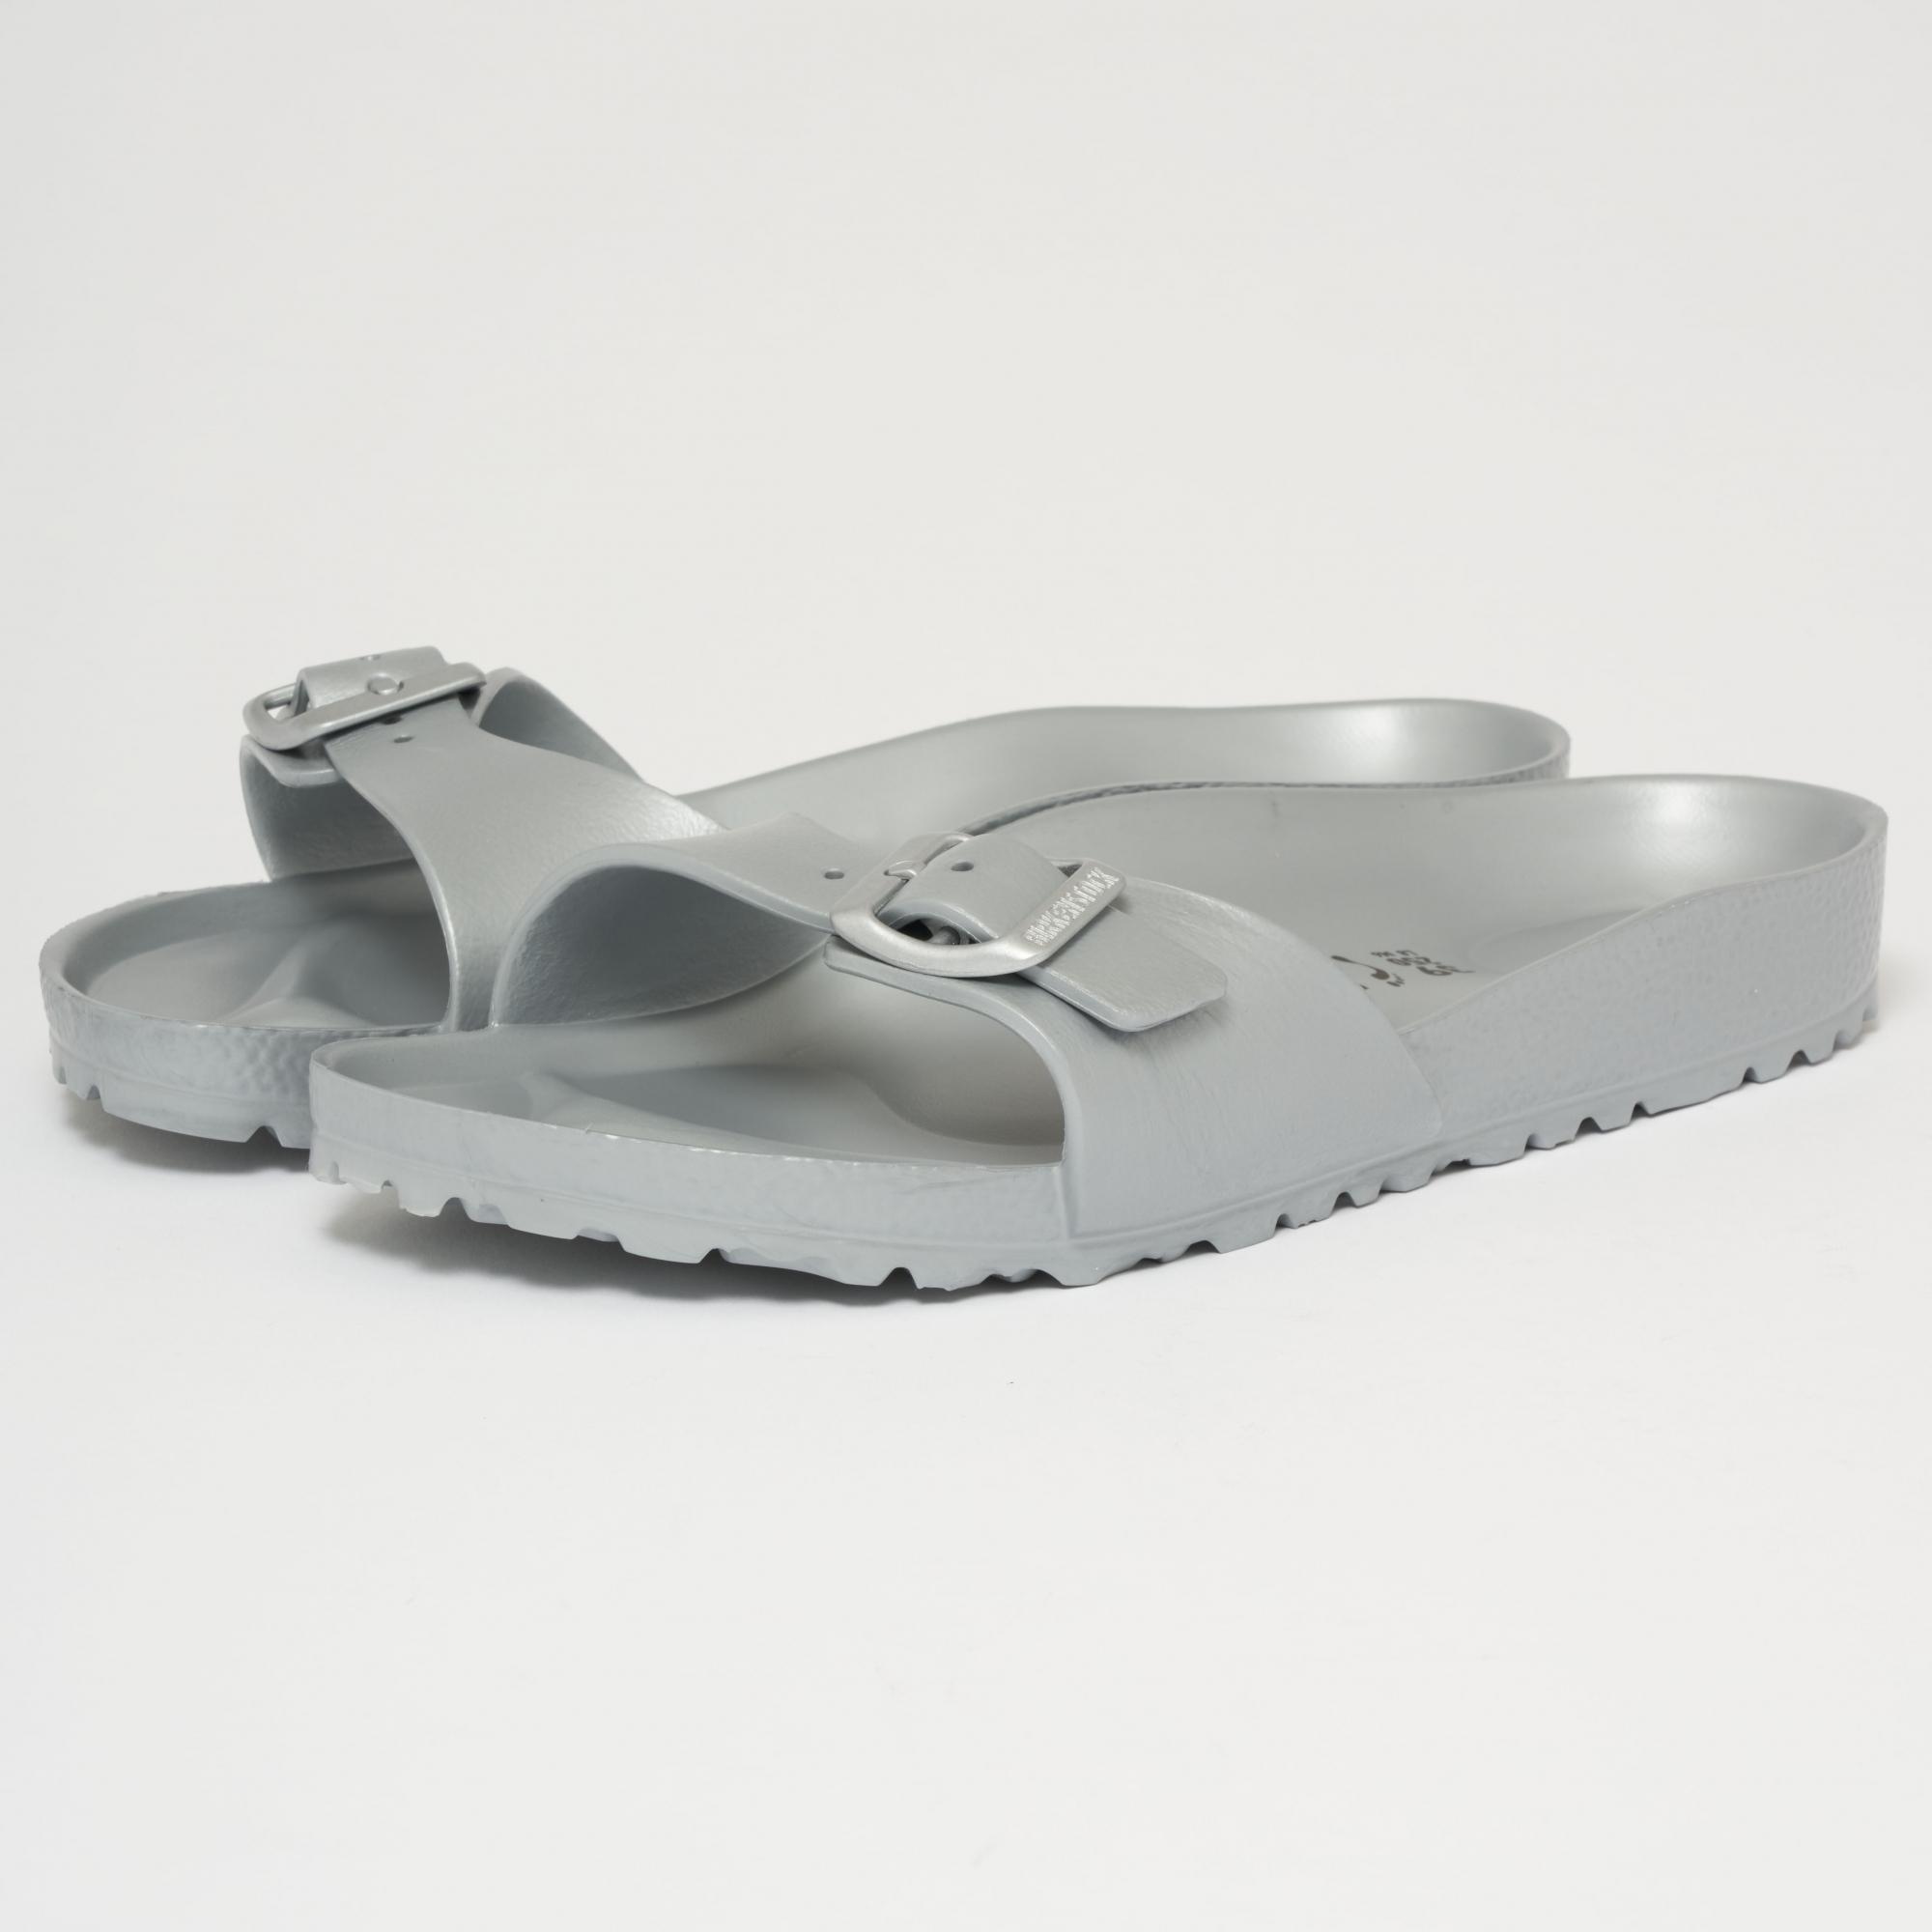 cc4fb14d680a06 Birkenstock Silver Madrid EVA Sandals